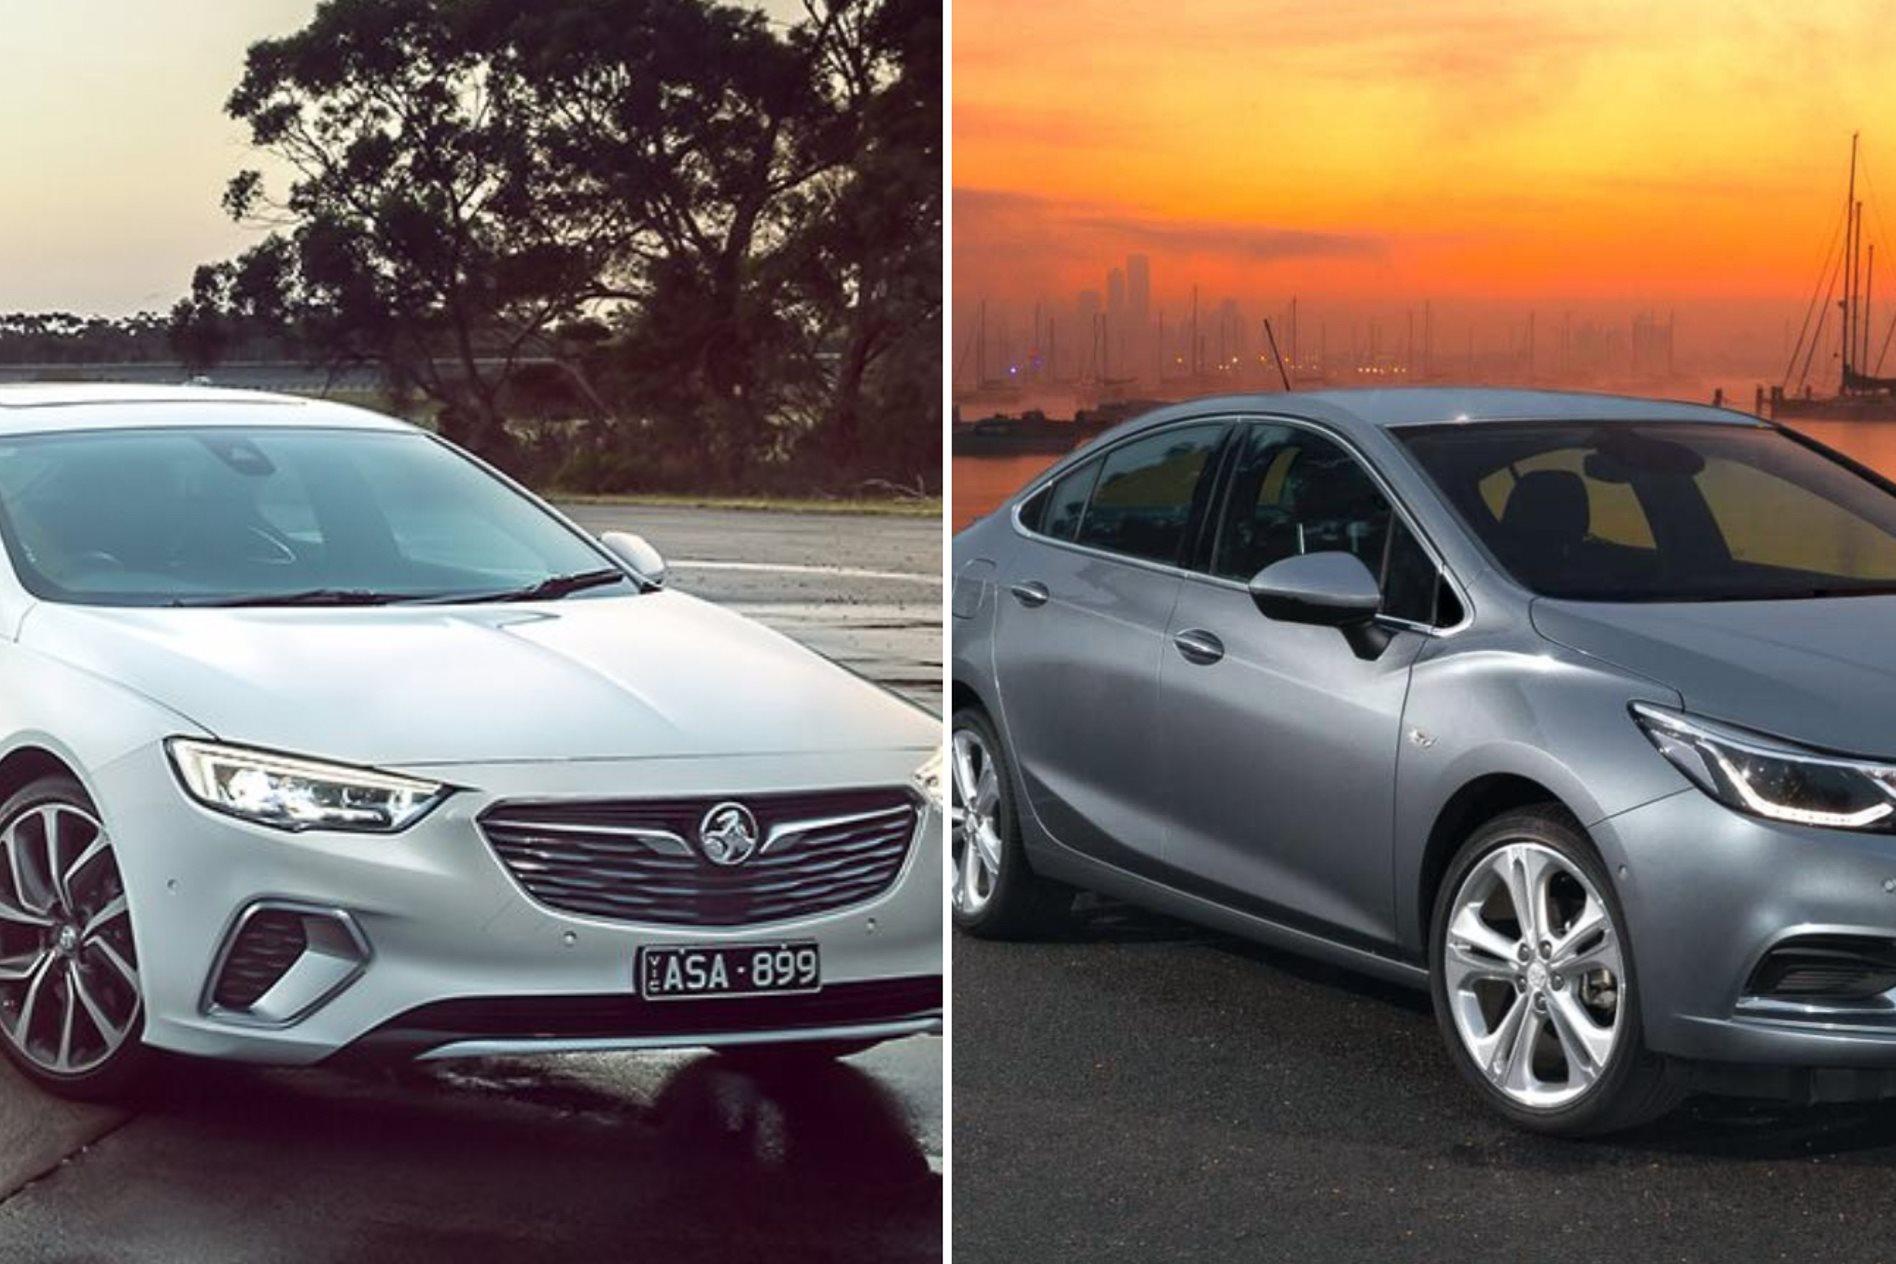 Opel will still supply Holden, confirms PSA